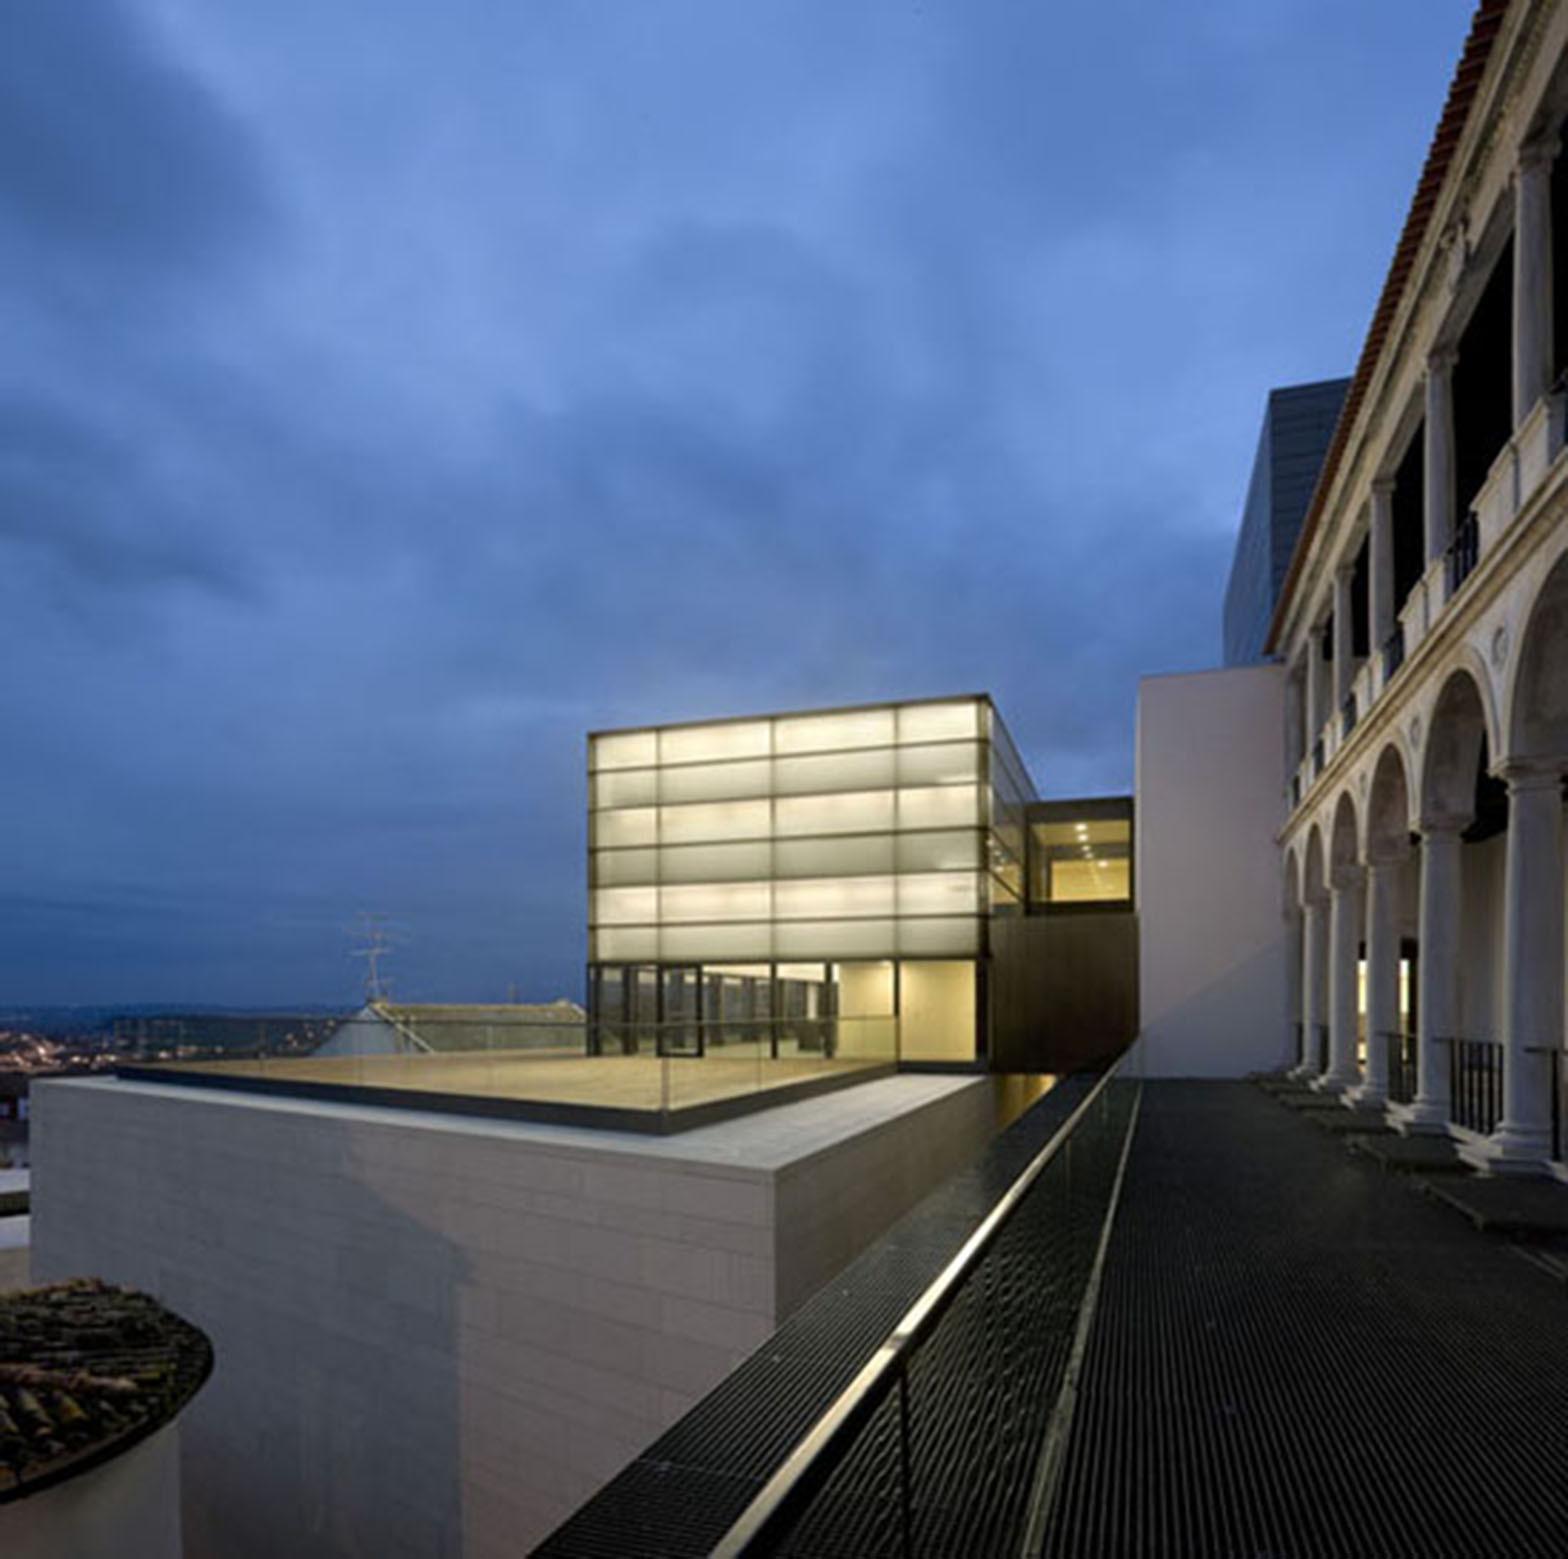 Rehabilitación del Museo Nacional de Machado de Castro / Gonçalo Byrne Arquitectos, © Duccio Malagamba